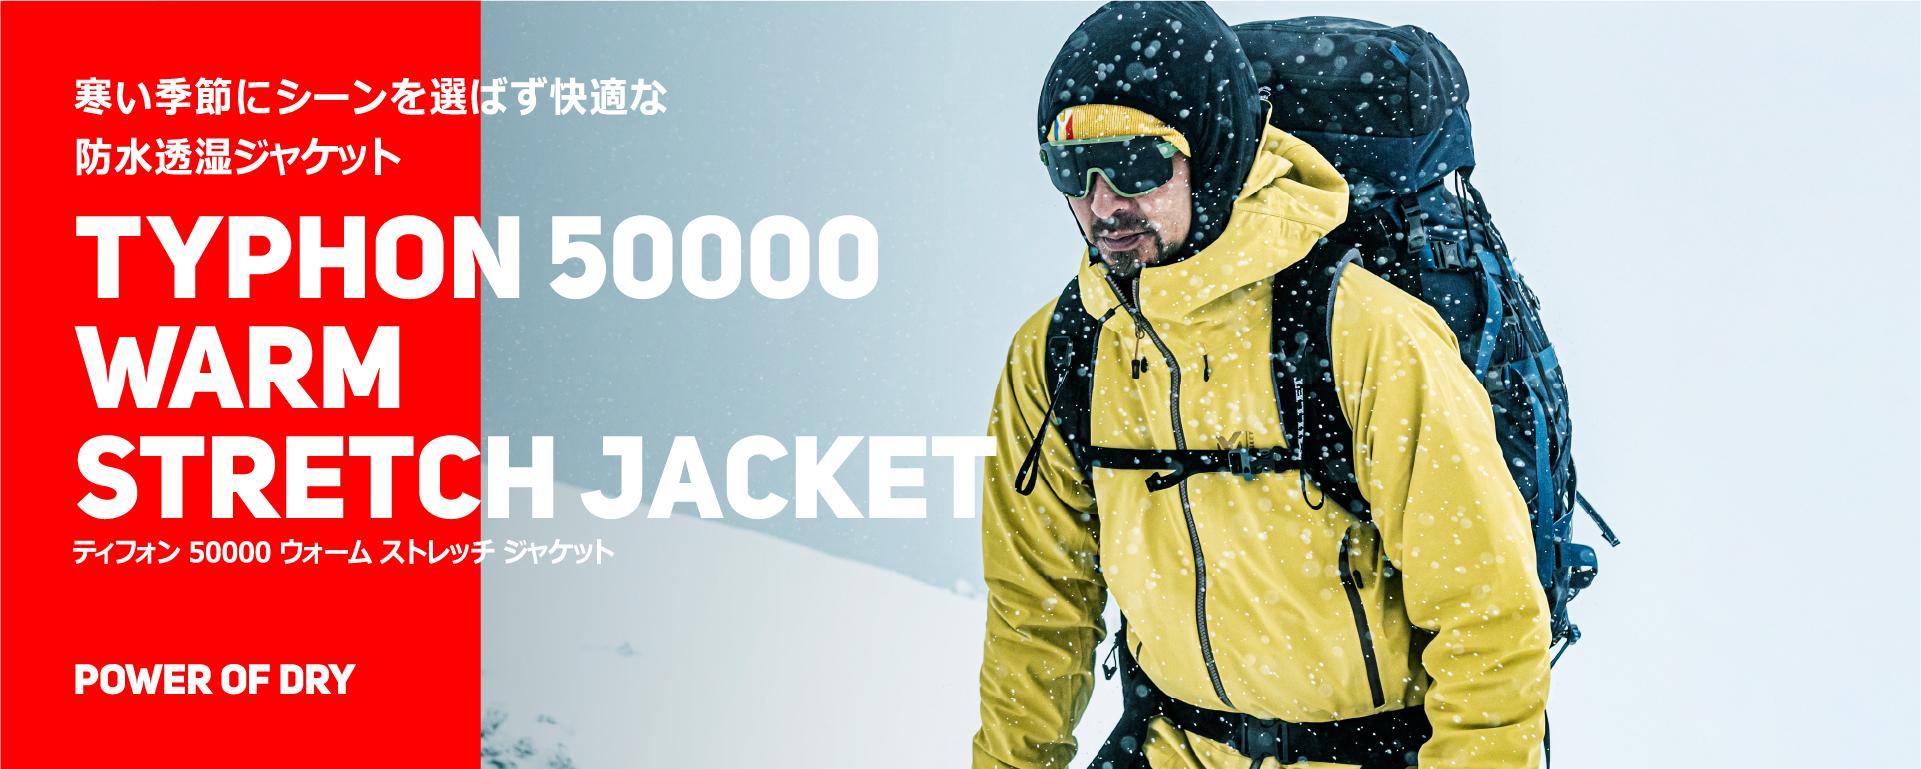 ティフォン50000ウォーム